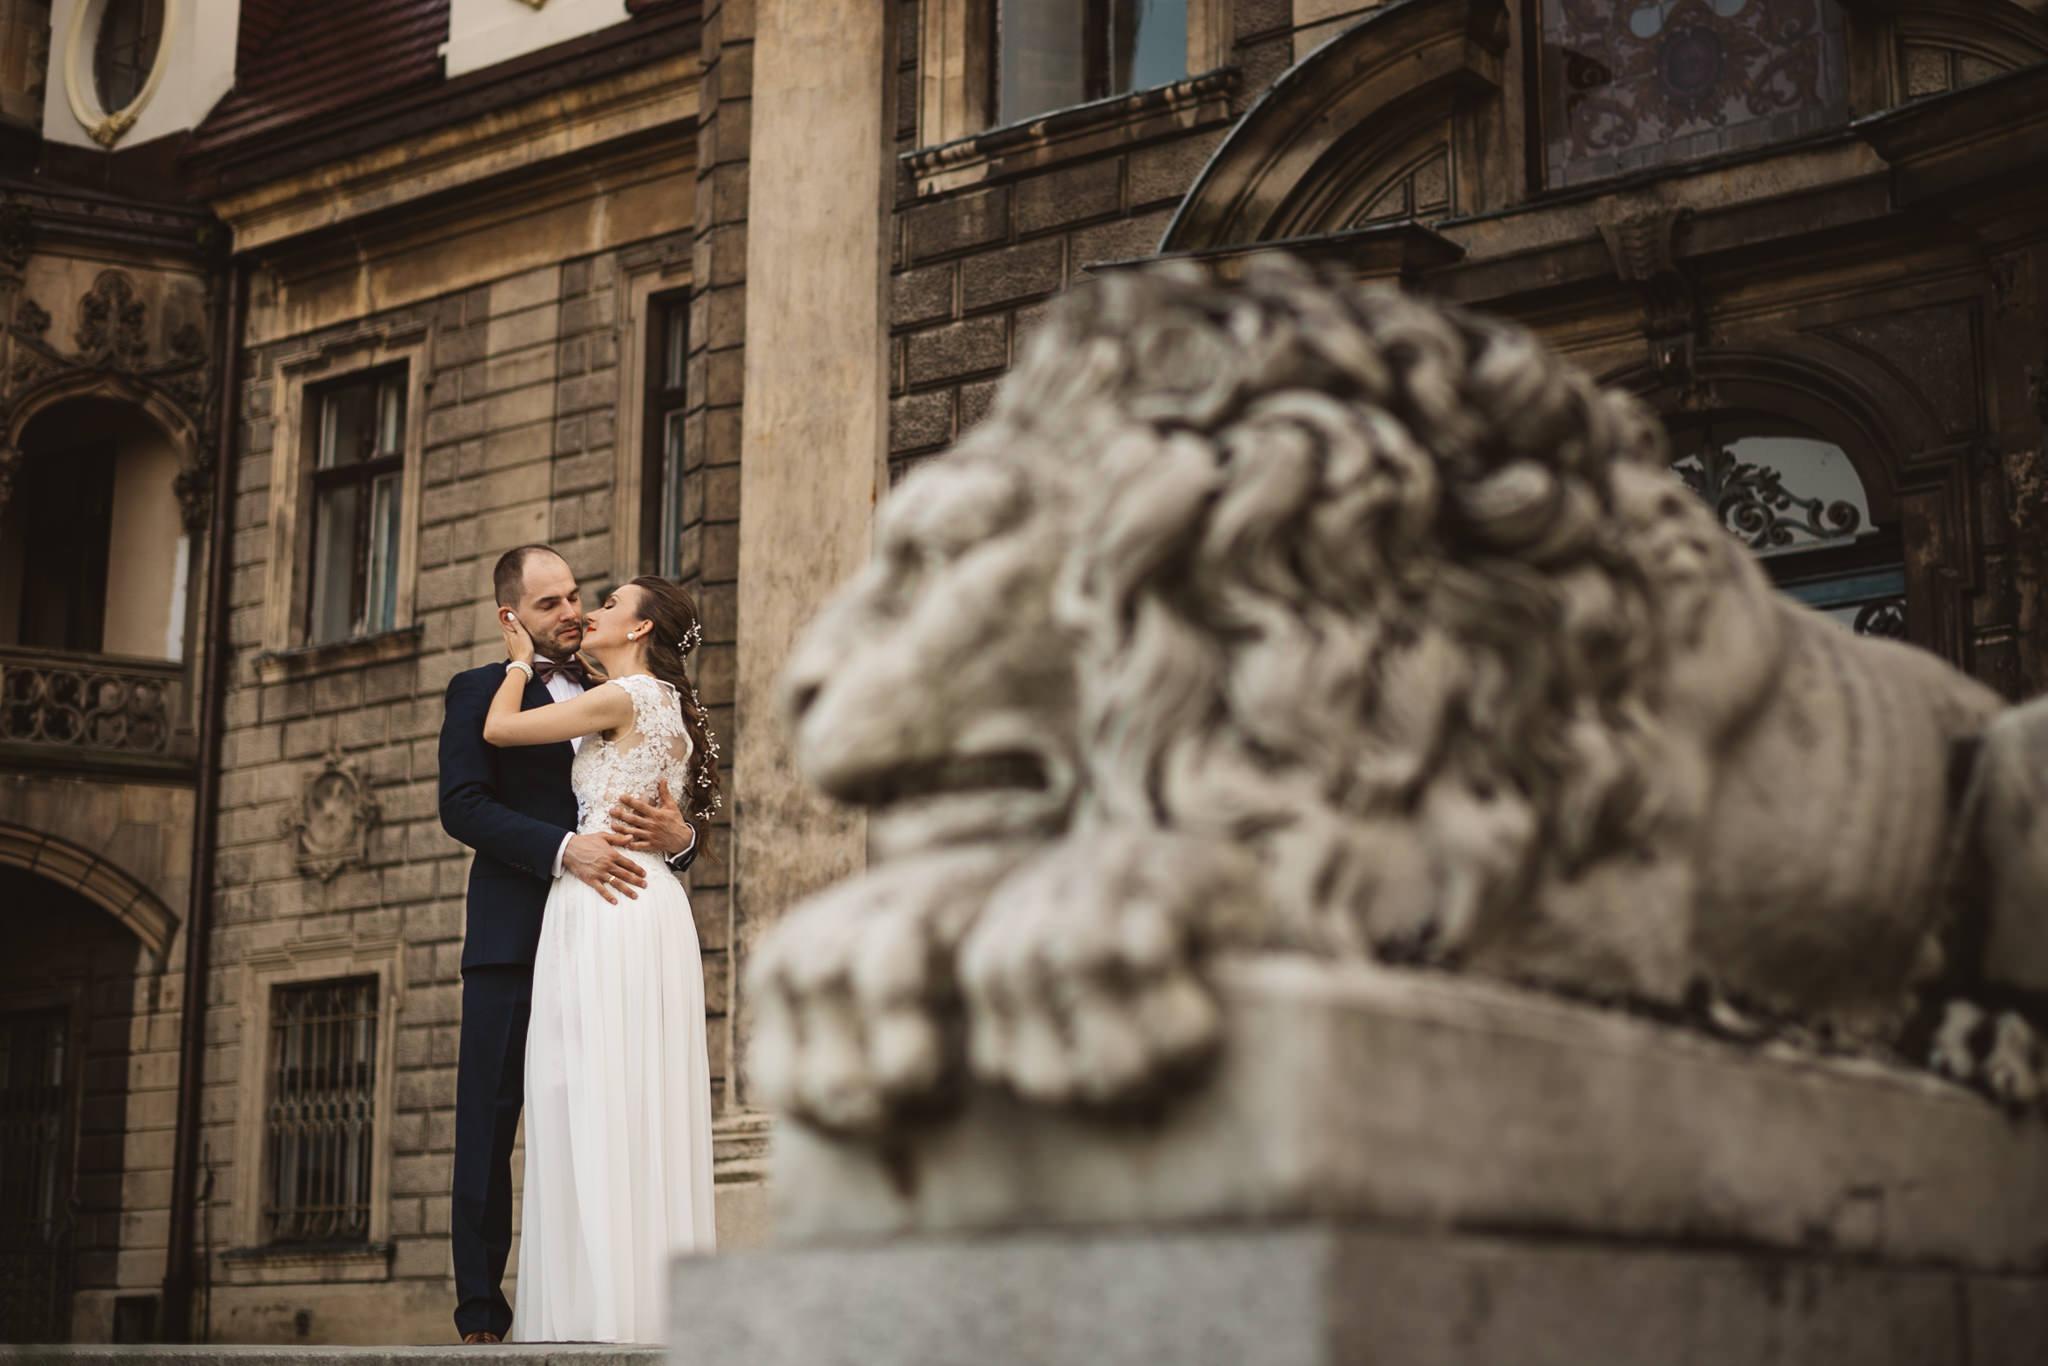 Ala i Arek, czyli jak zorganizować ślub i wesele w 4 tygodnie! 382